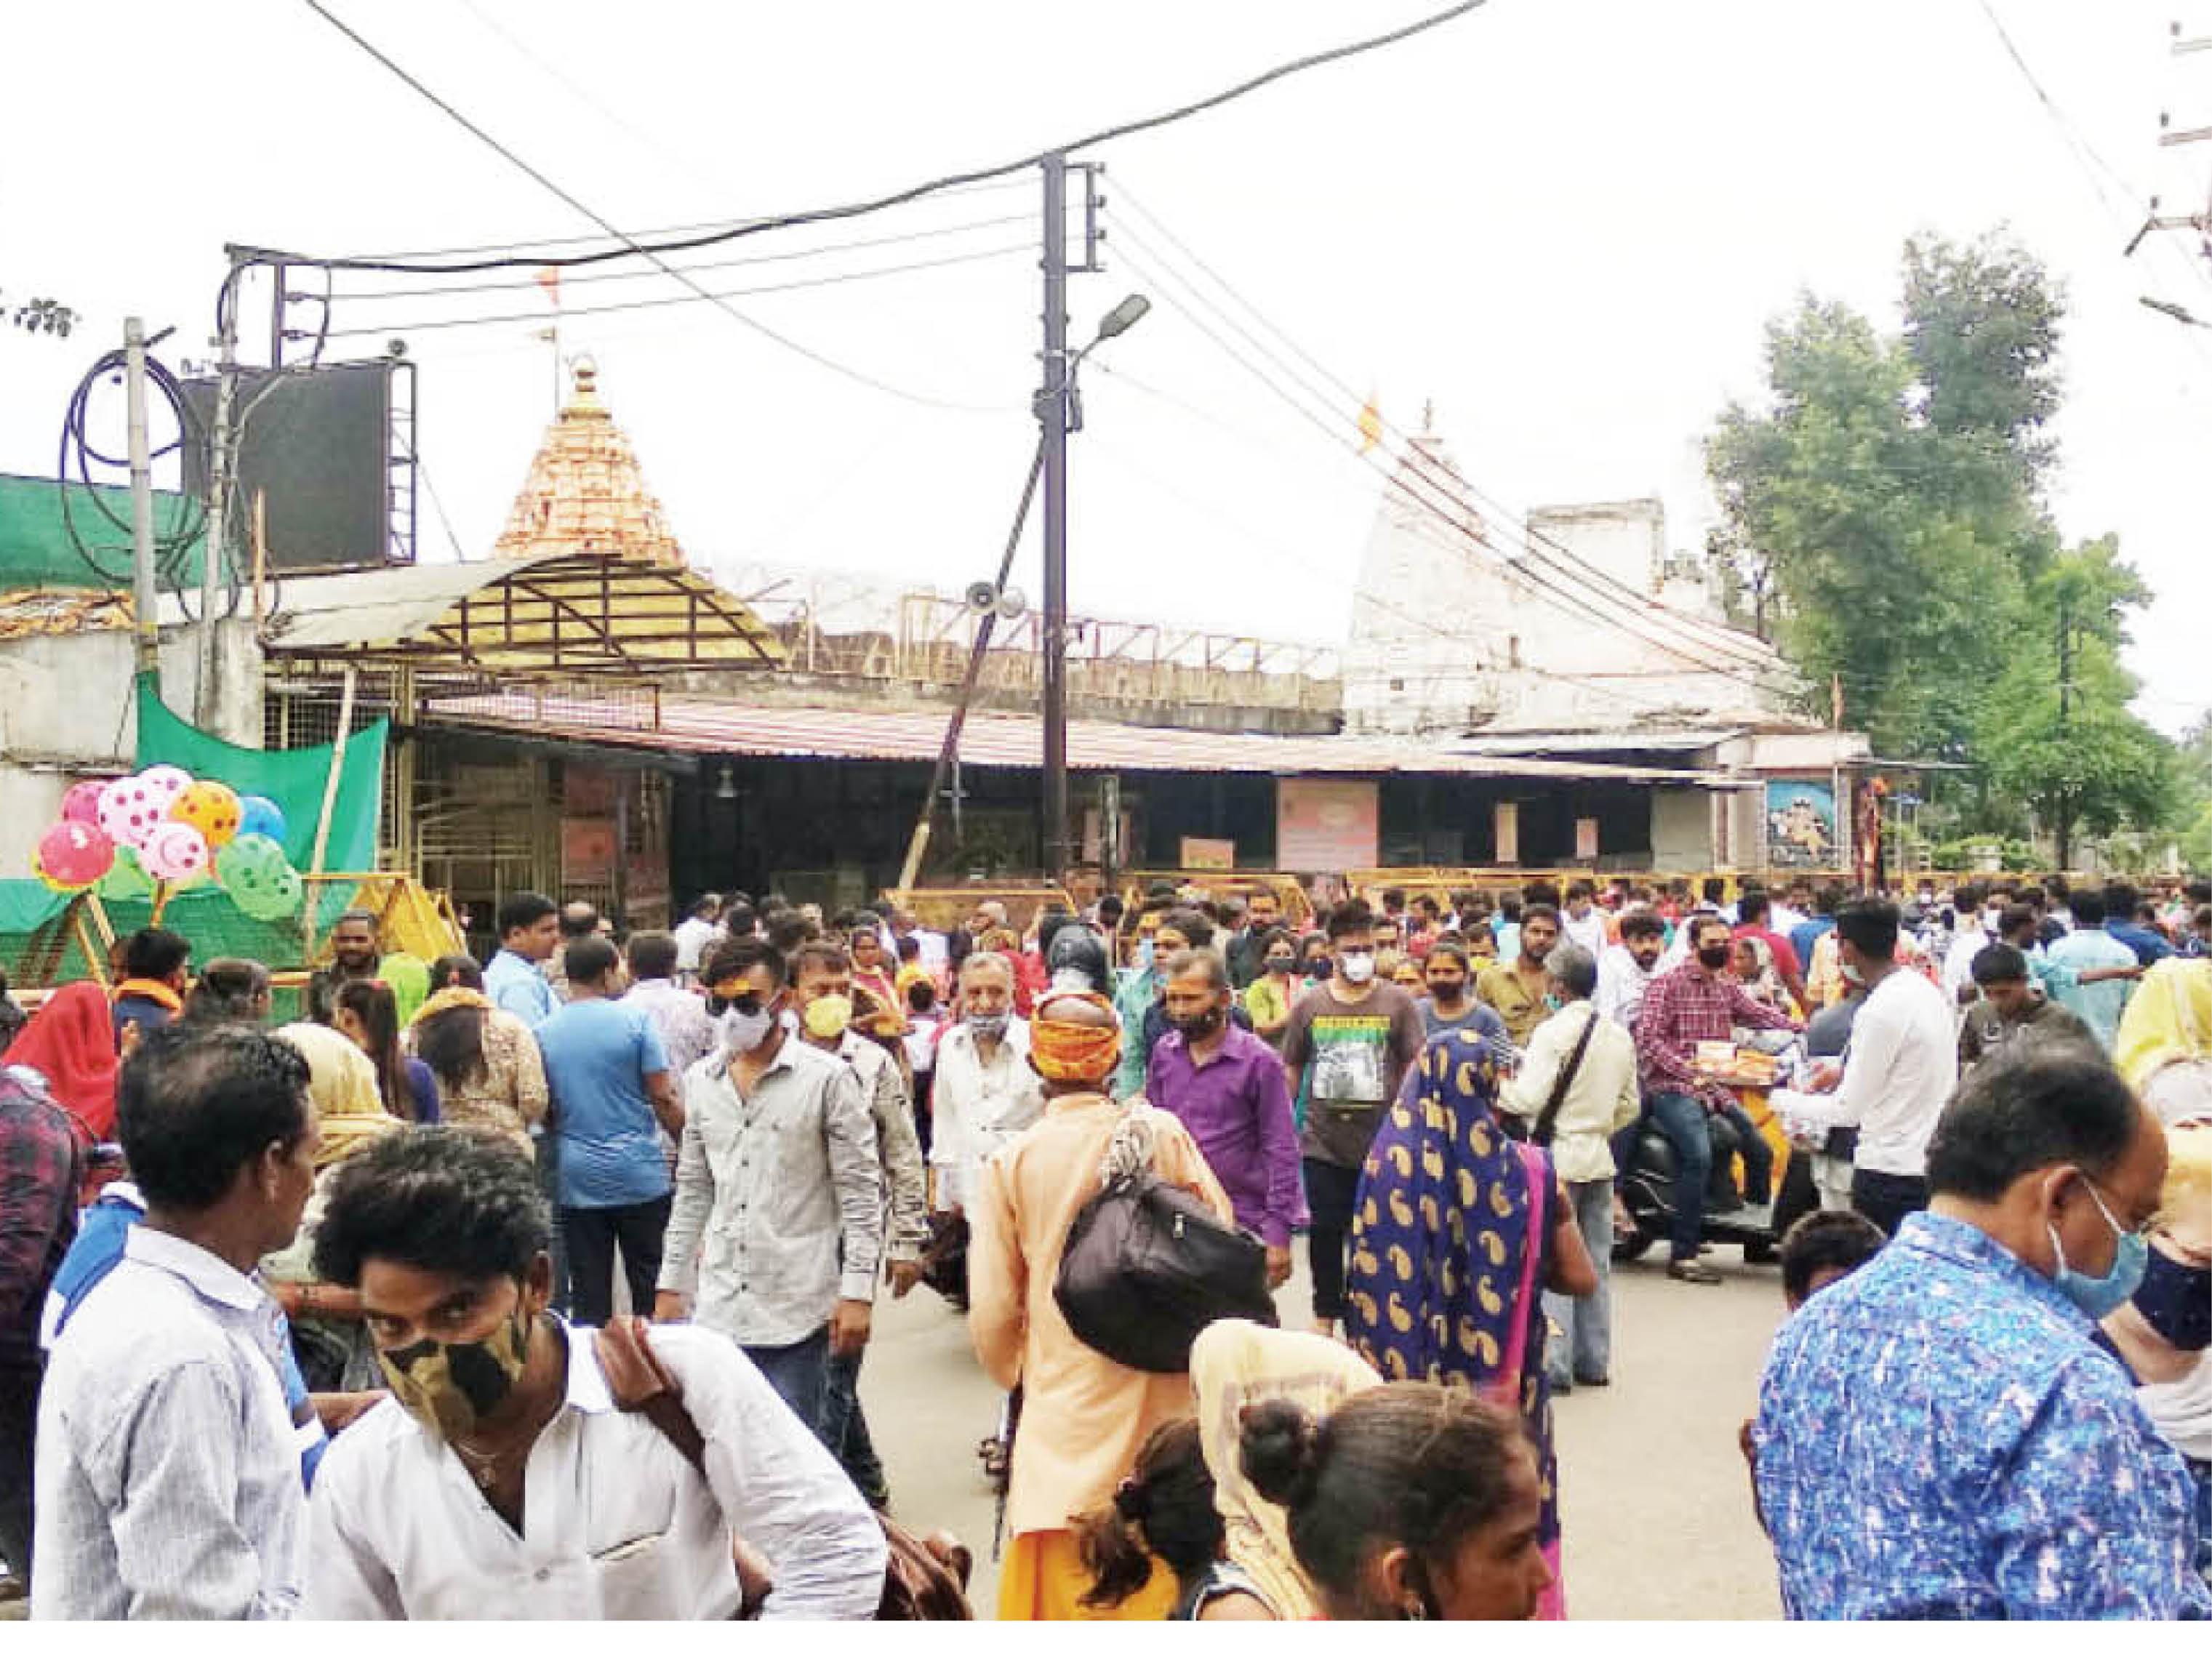 महाकाल मंदिर में बुधवार को श्रद्धालुओं की भीड़ दिनभर बनी रही। - Dainik Bhaskar